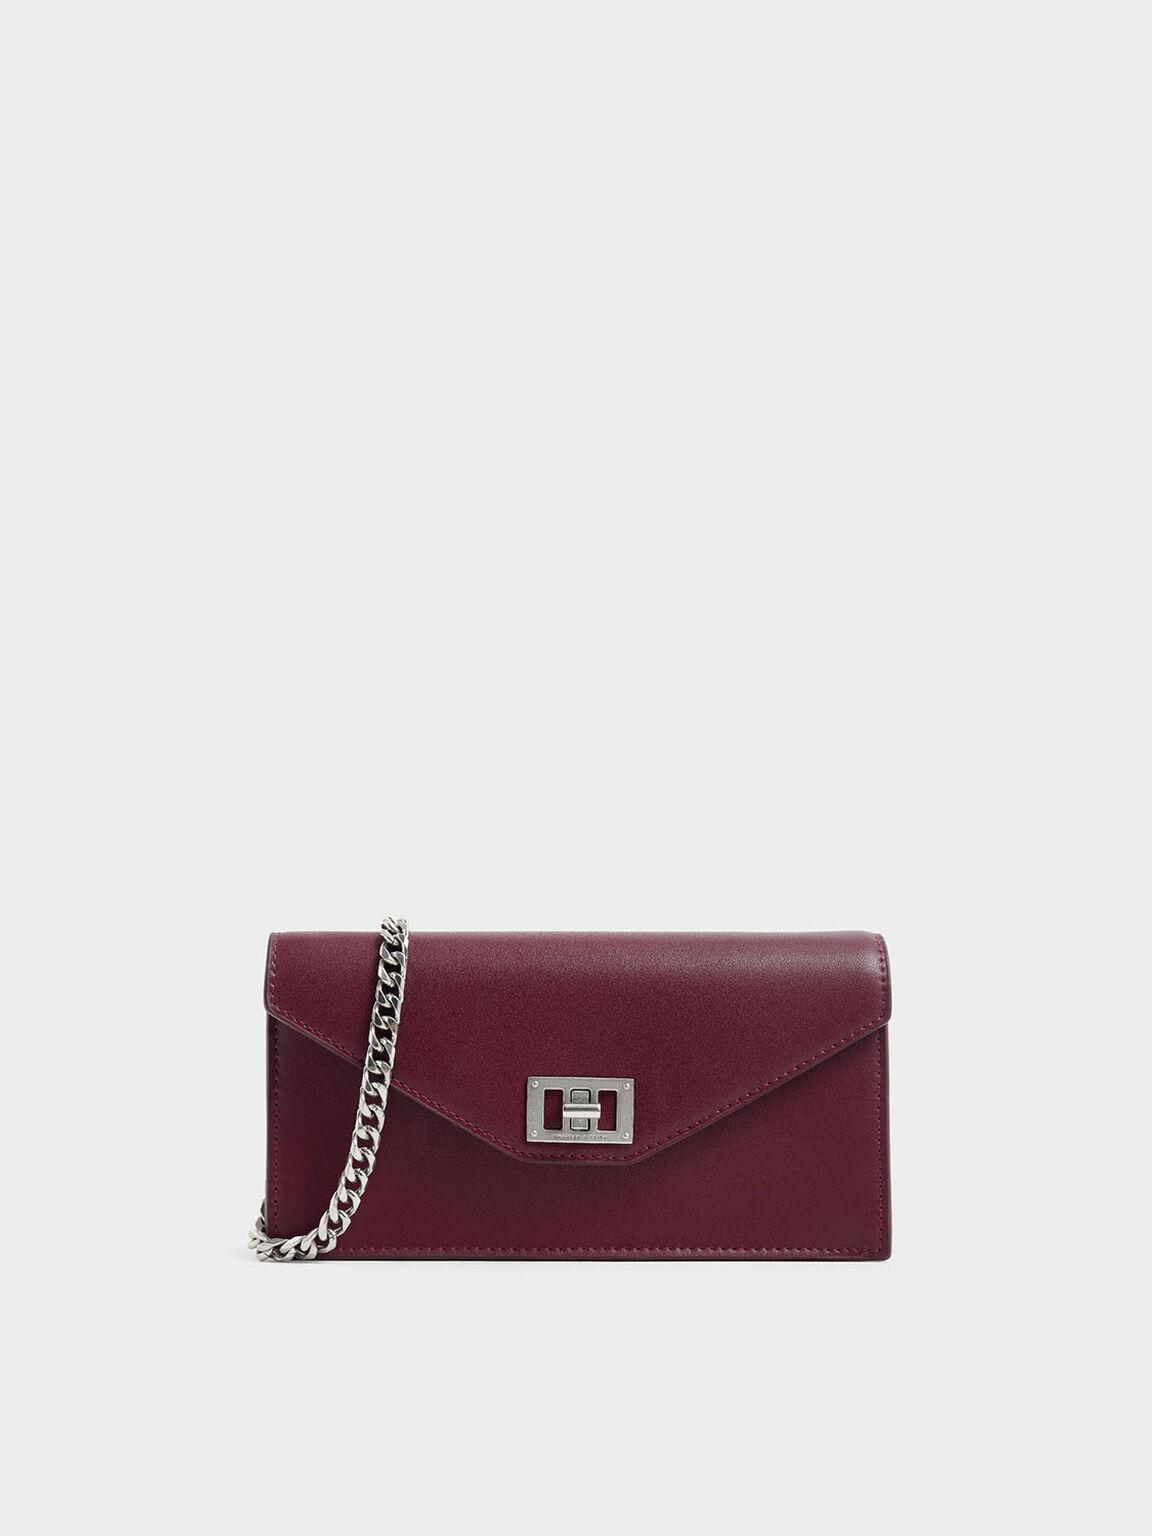 Long Envelope Wallet, Burgundy, hi-res